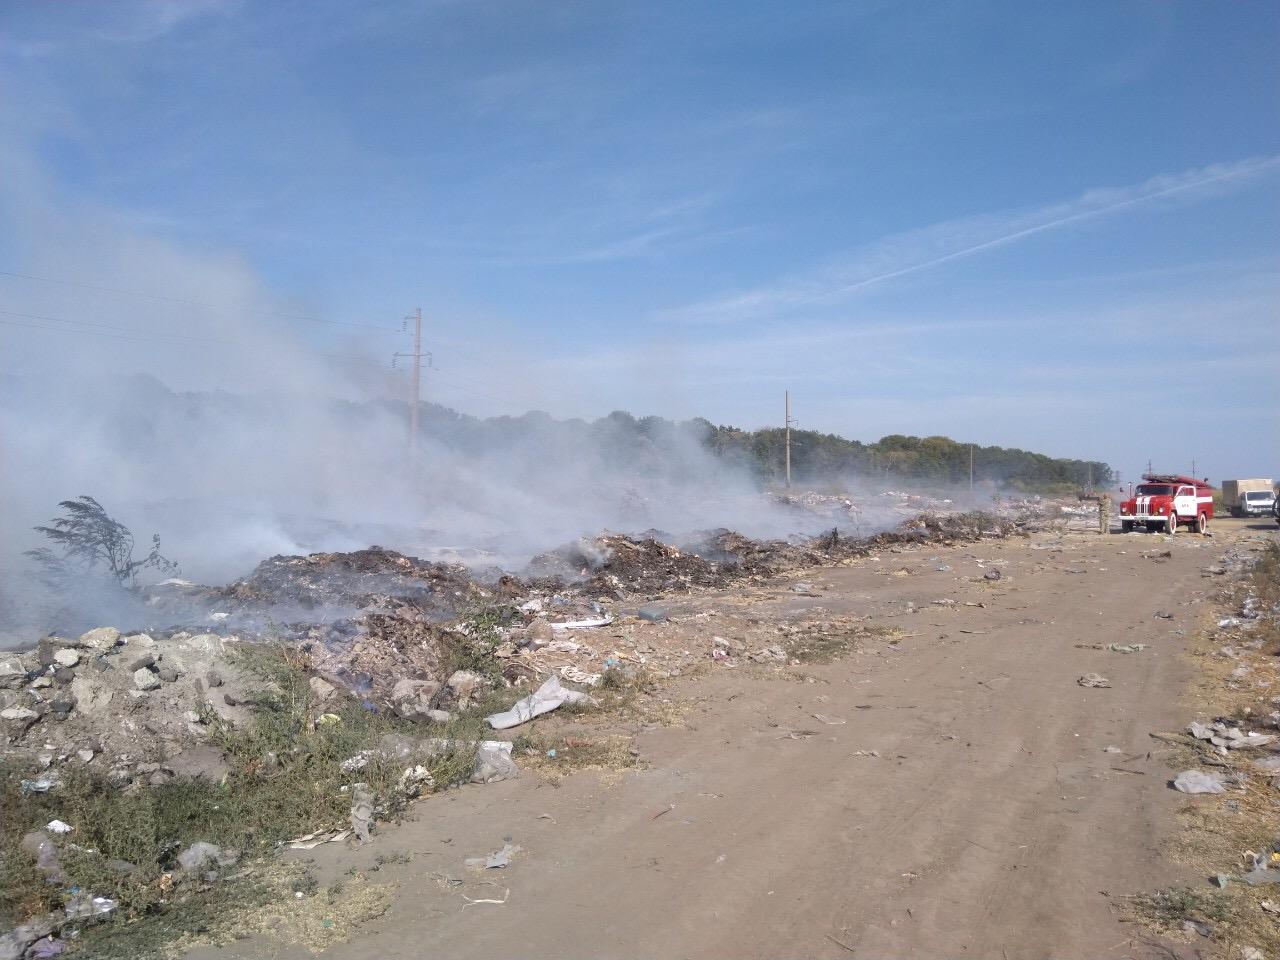 95A03C9E-8812-4E4A-85E6-48AAA82BF2EA У Василькові масштабно палає сміттєзвалище